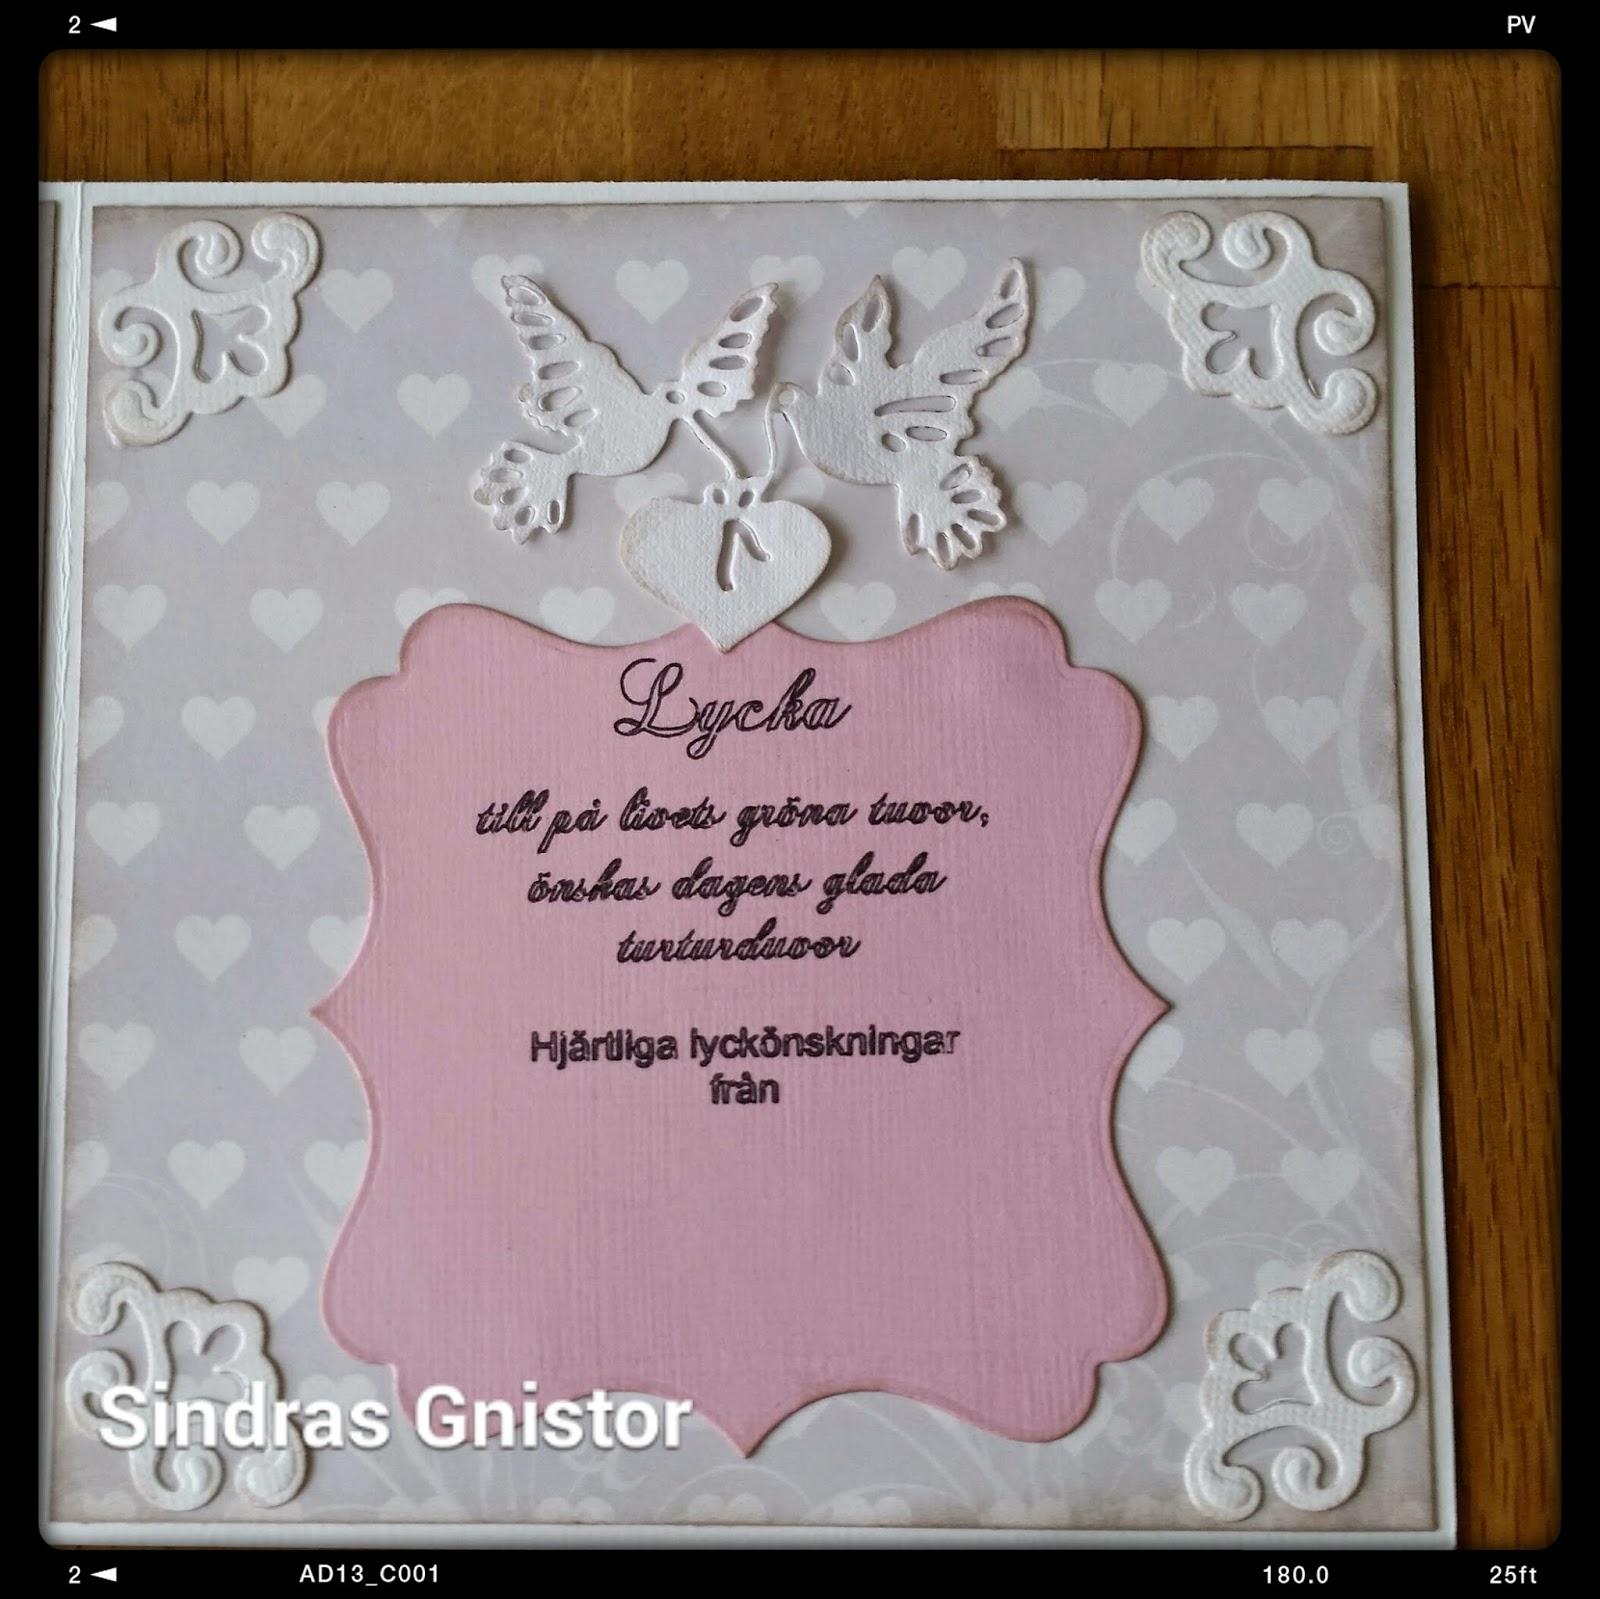 grattis bröllopskort Sindras Gnistor: Bröllopskort grattis bröllopskort